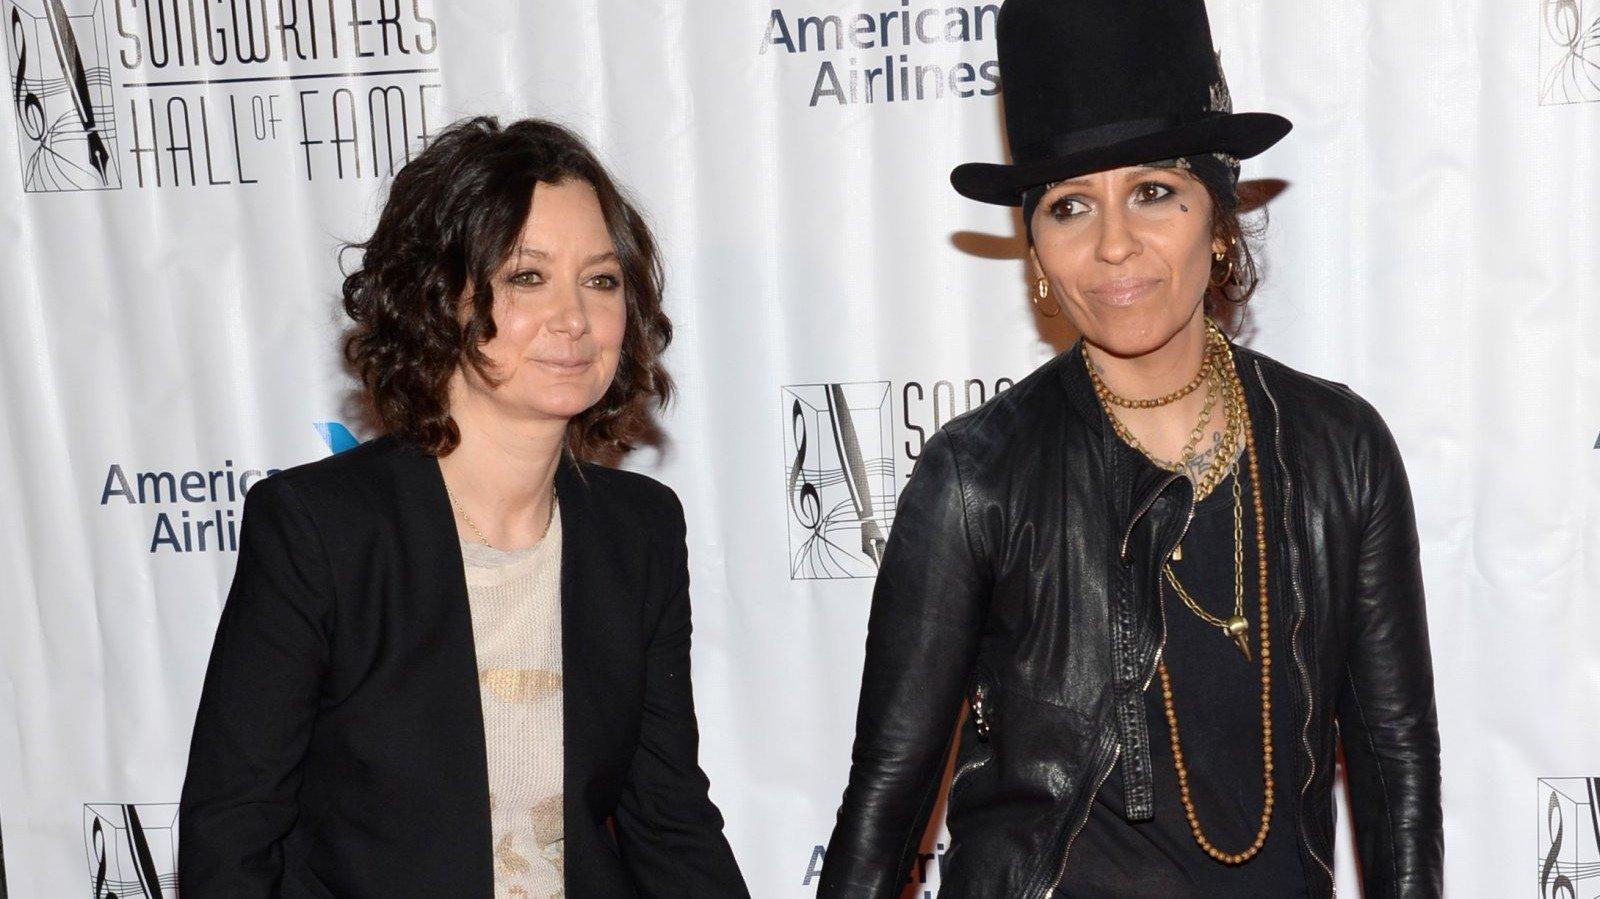 La actriz Sara Gilbert junto a su esposa, la cantante Linda Perry.